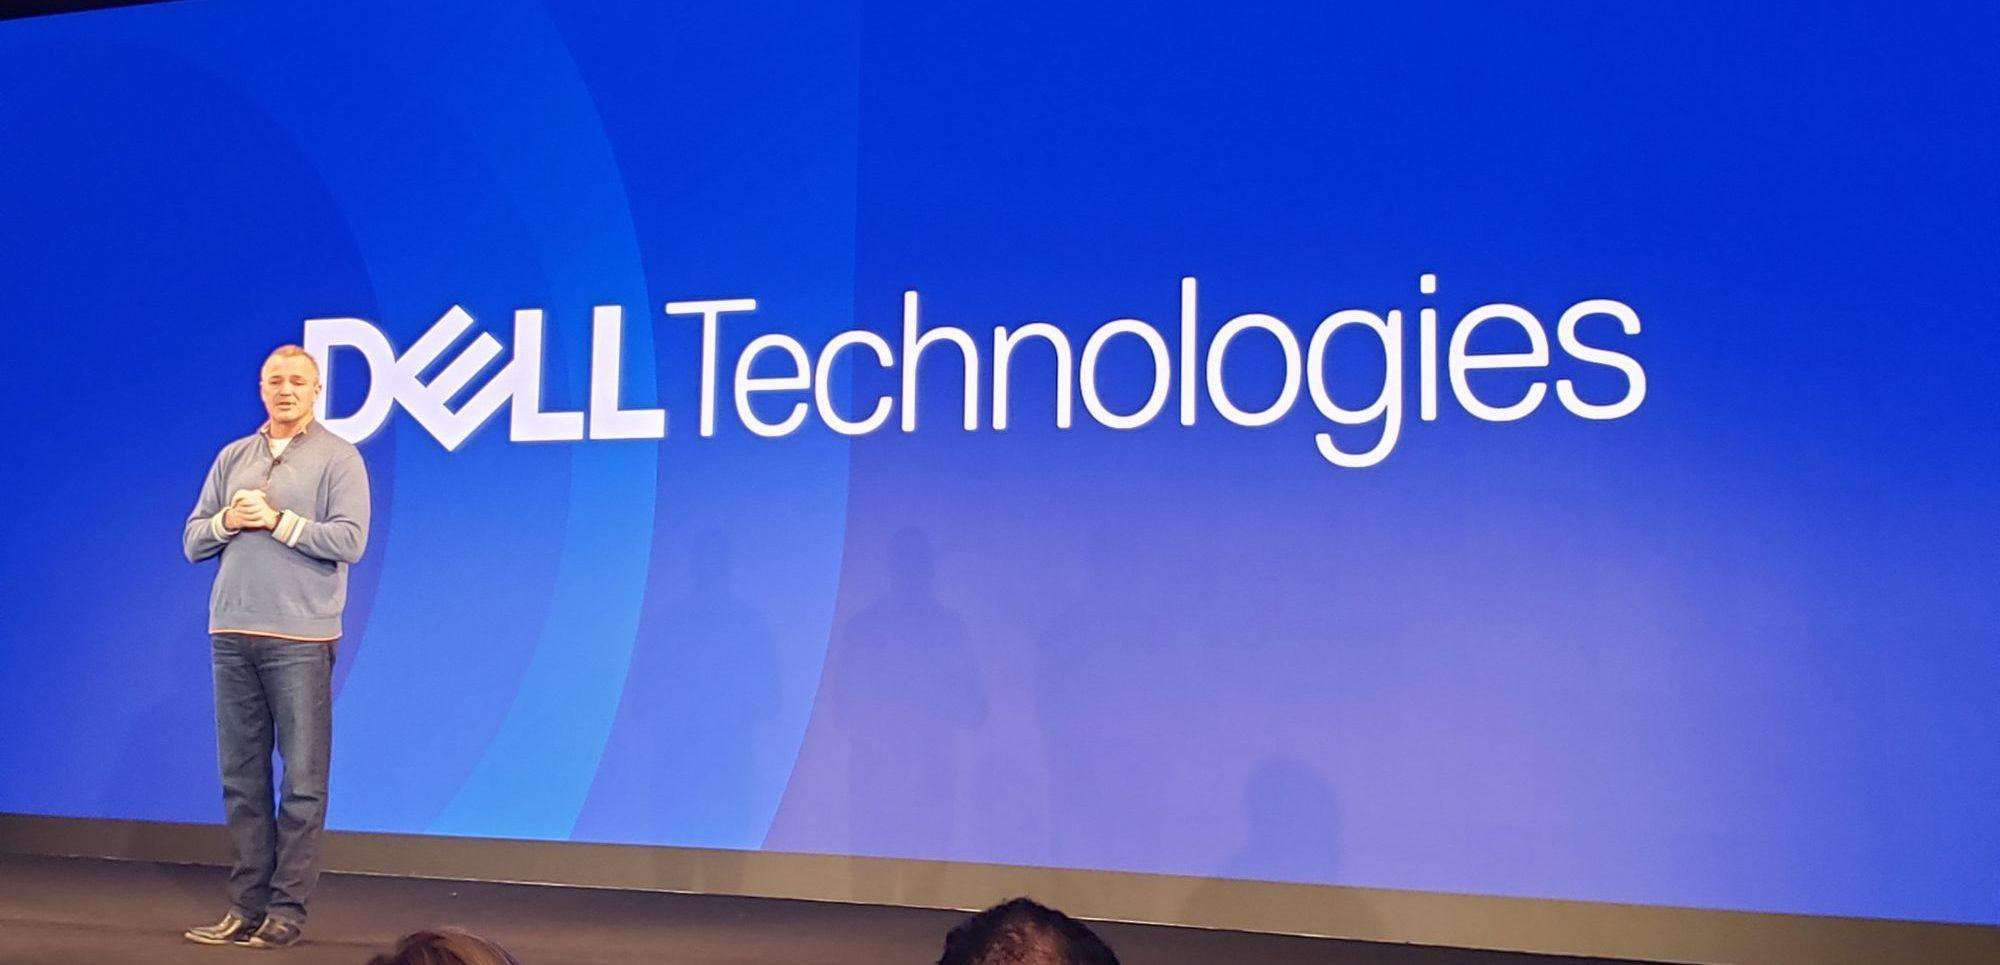 Dell News